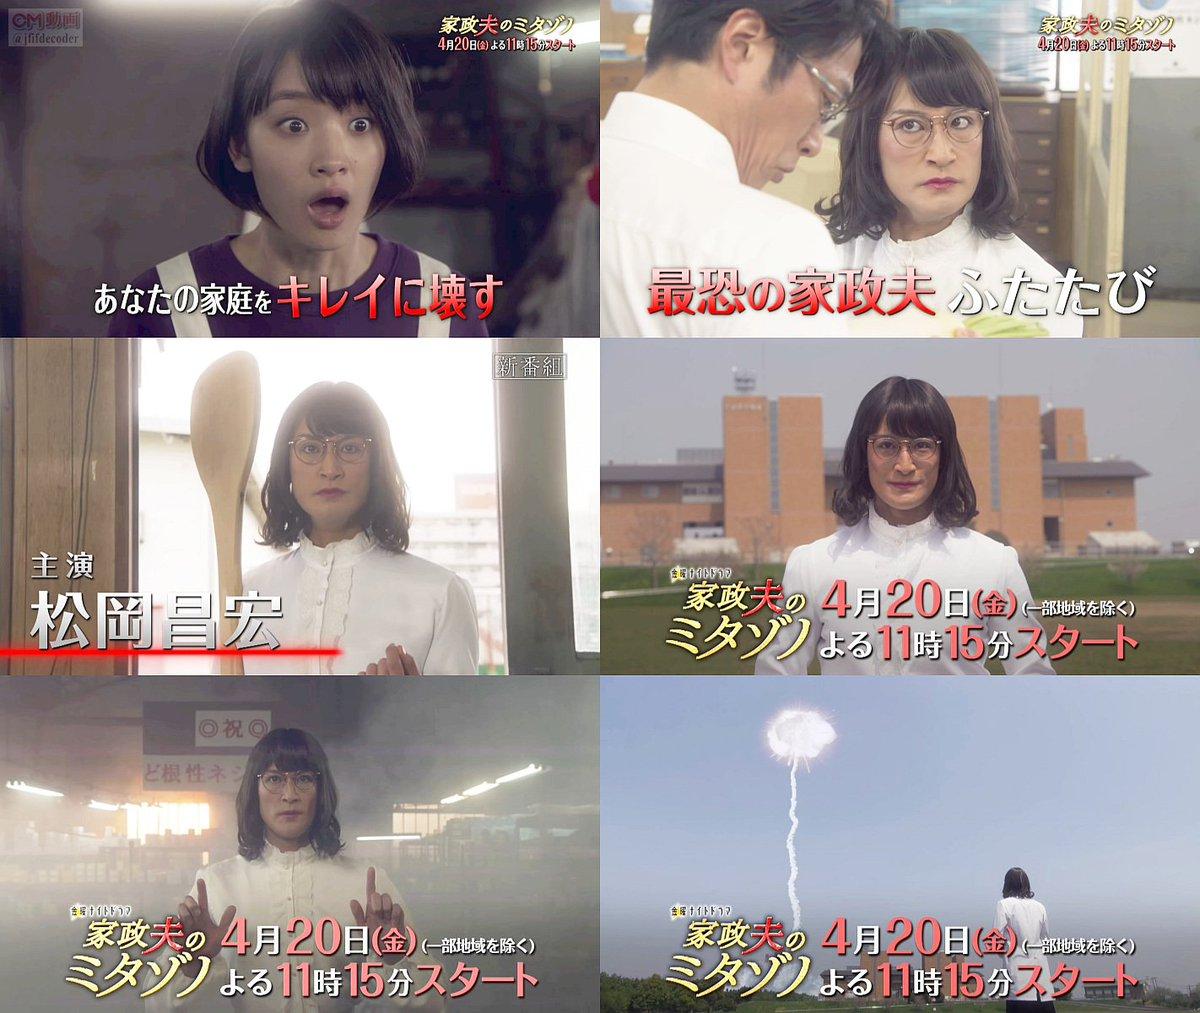 金曜ナイトドラマ 家政夫のミタゾノ 第1話(04/20)予告編CM 松岡 ...